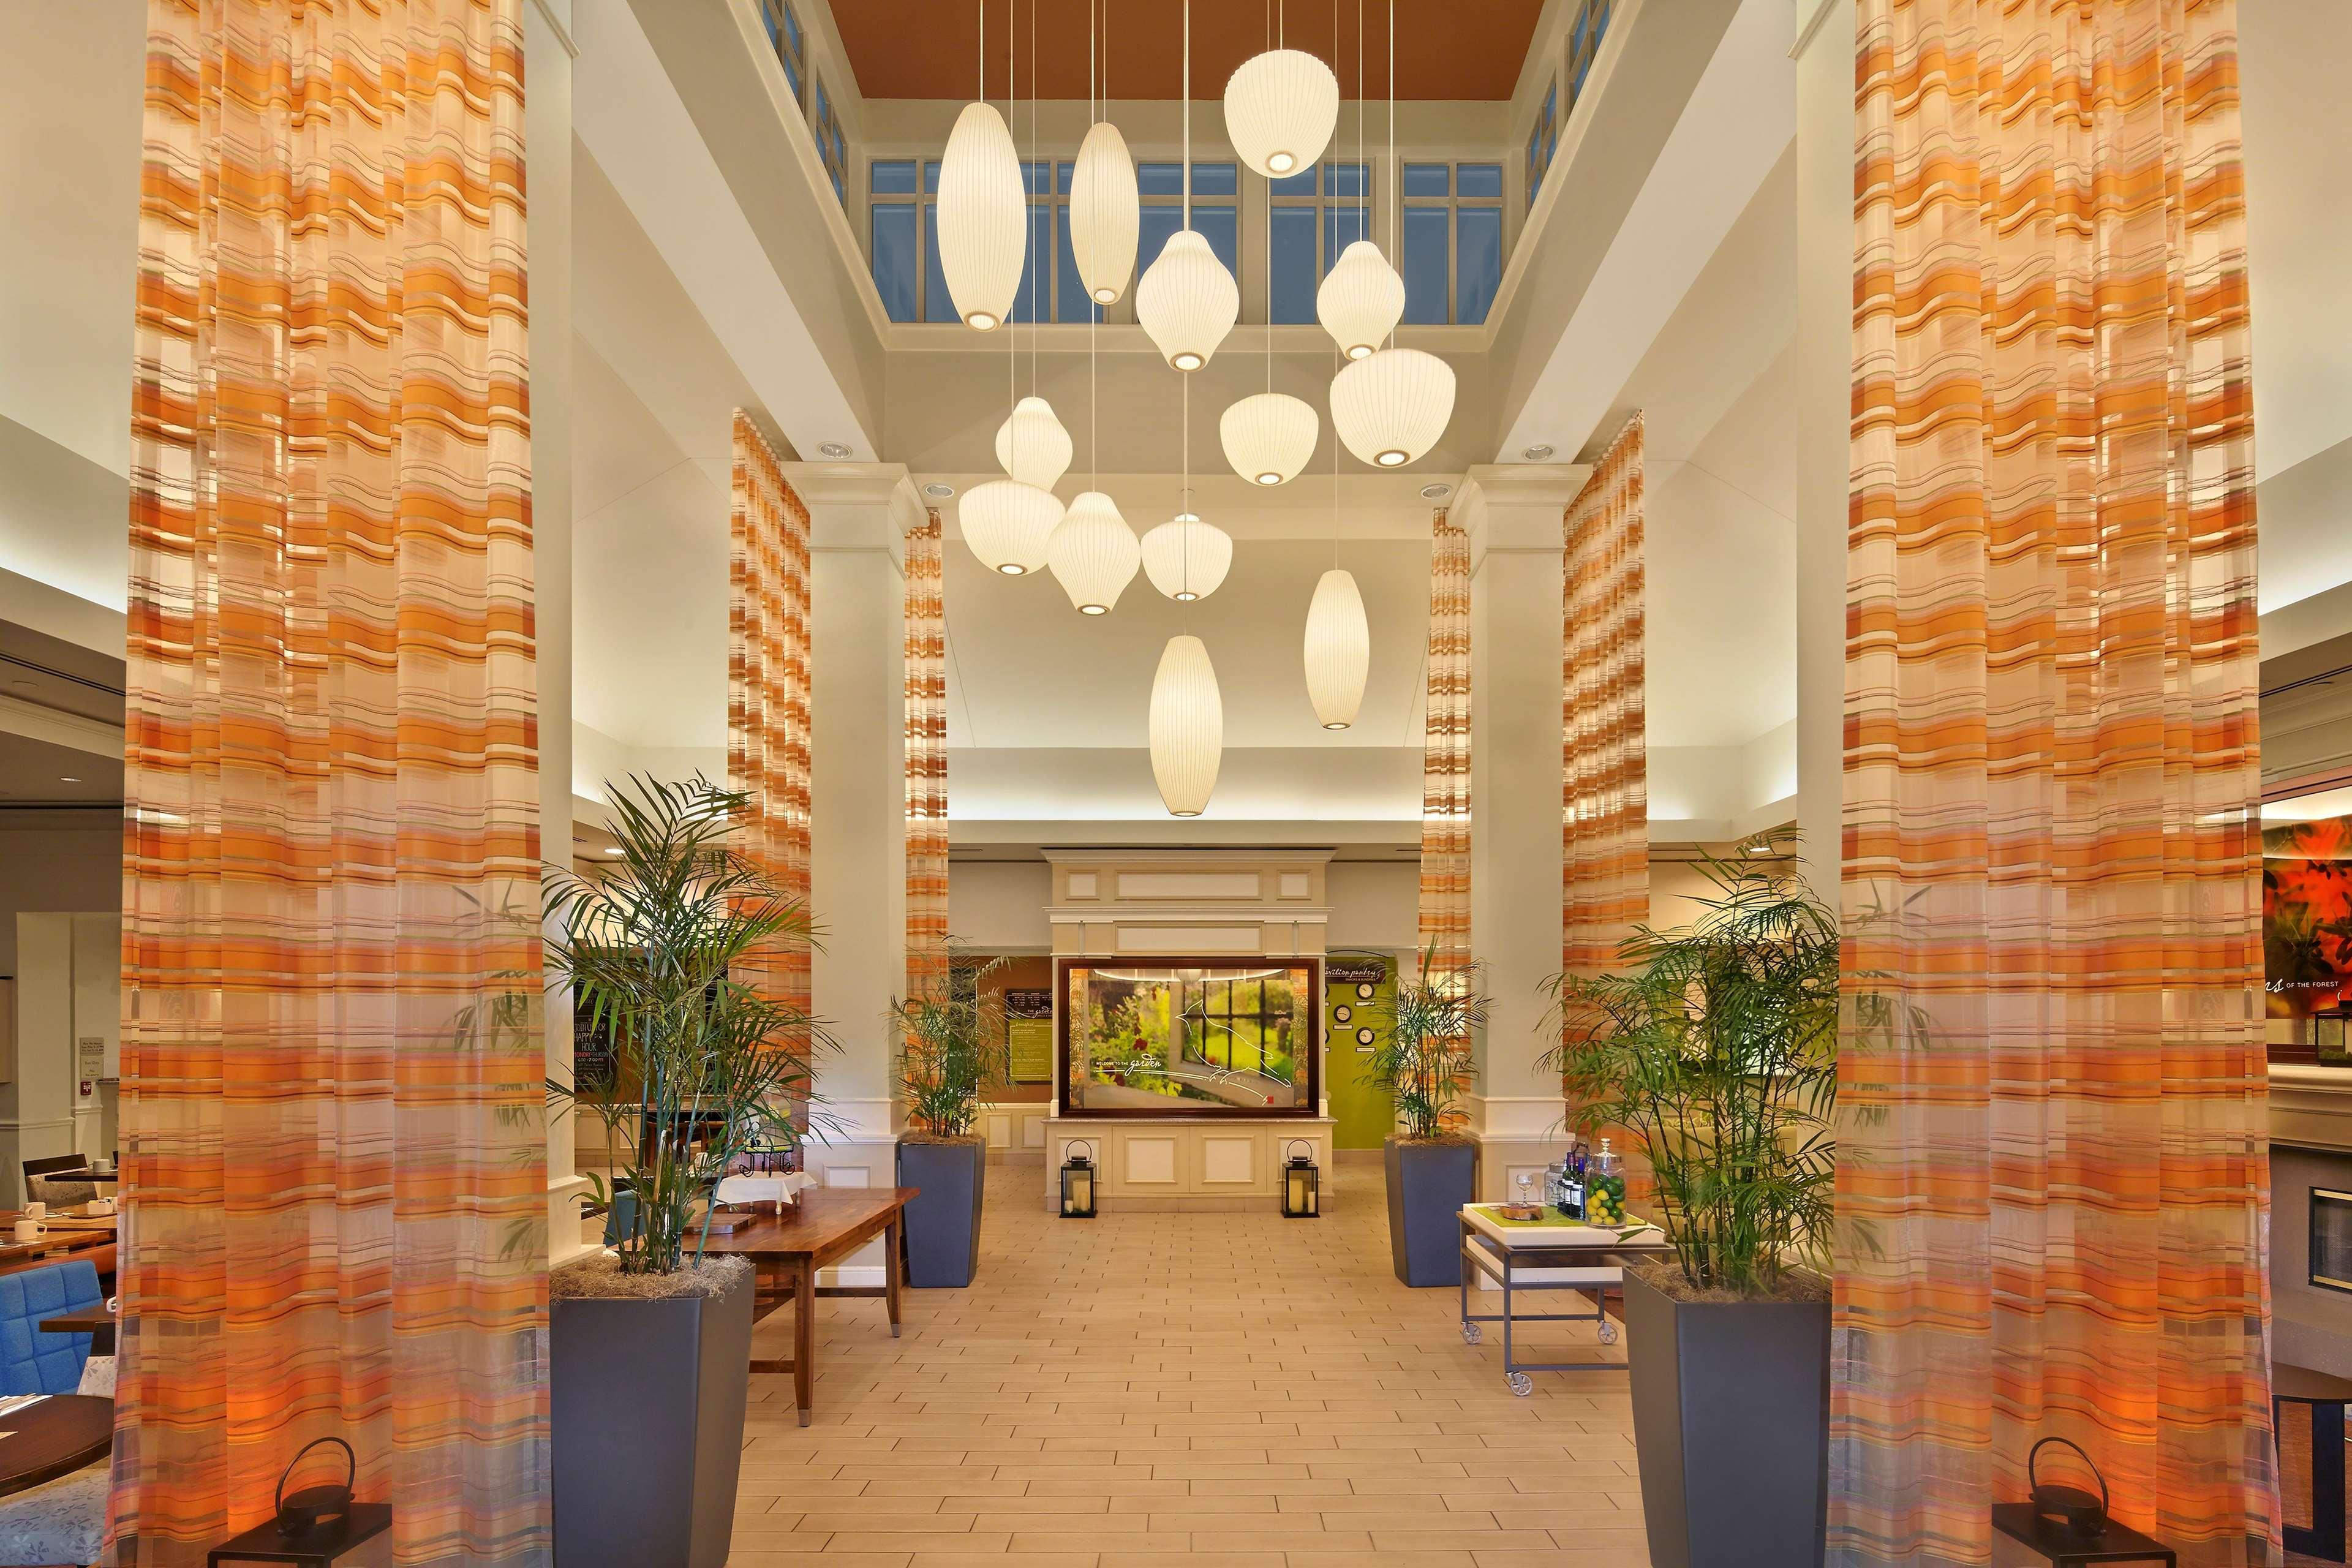 Hilton Garden Inn Danbury image 3